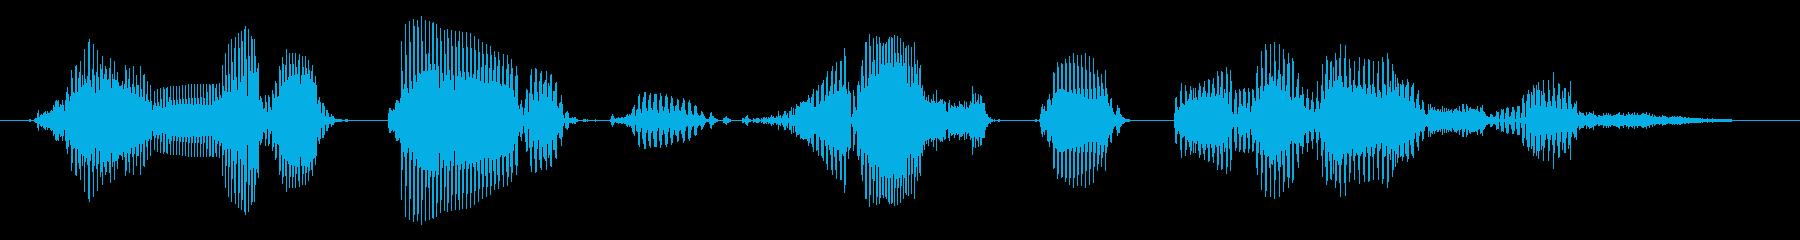 チャンネル登録よろしくお願いします 02の再生済みの波形